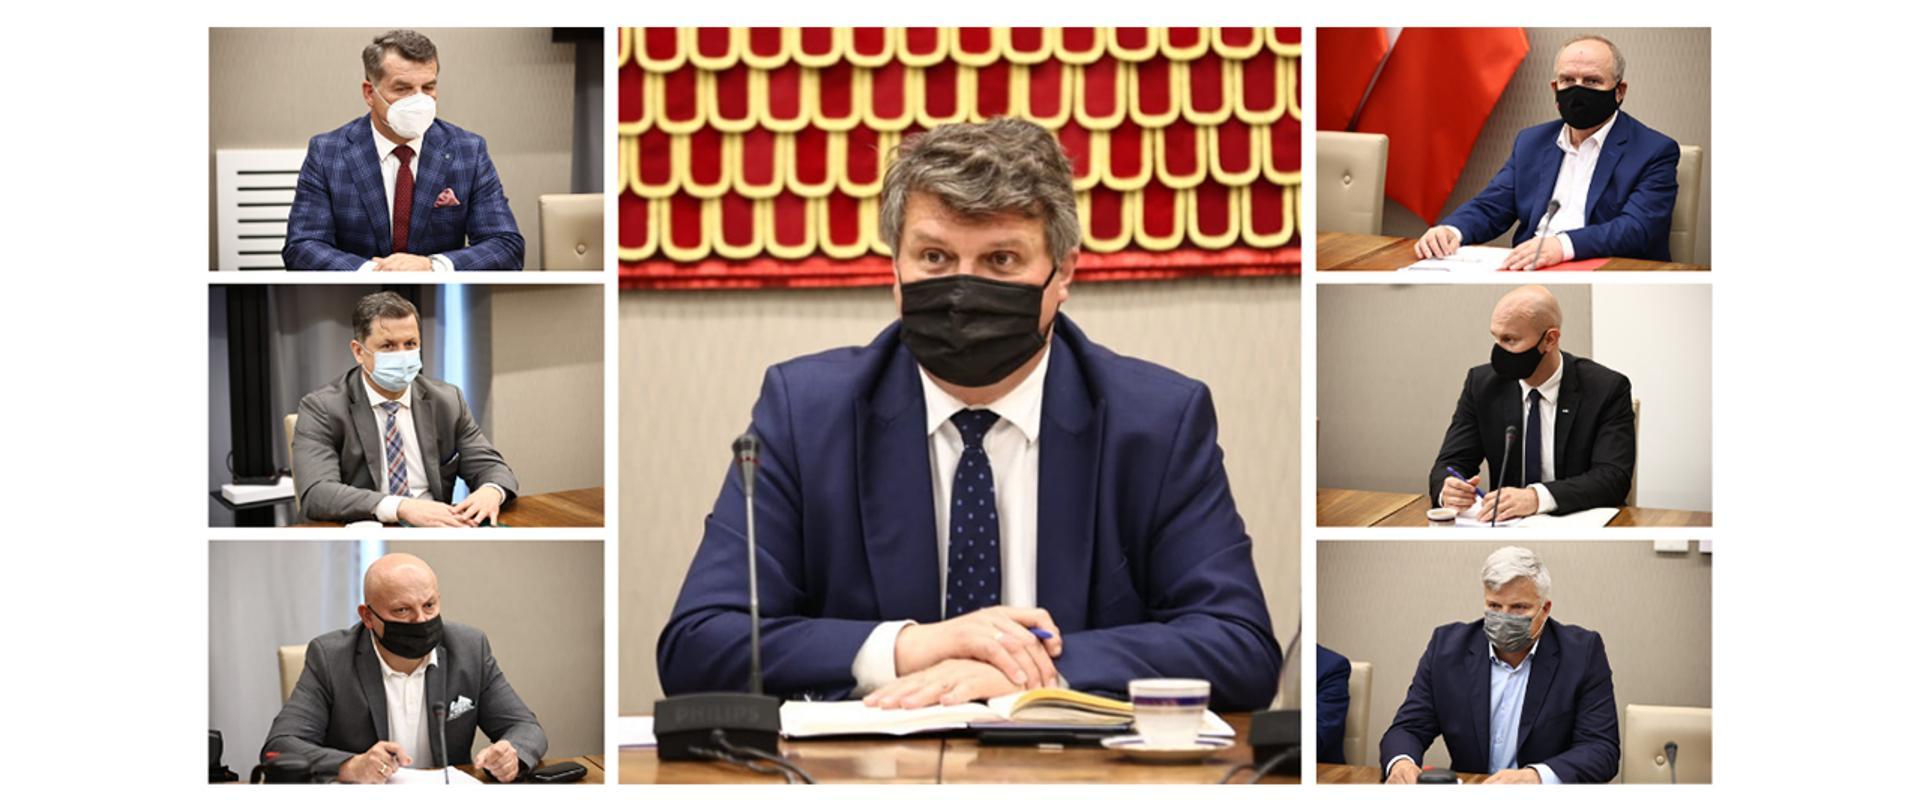 Spotkanie wiceministra Macieja Wąsika z przedstawicielami związków zawodowych